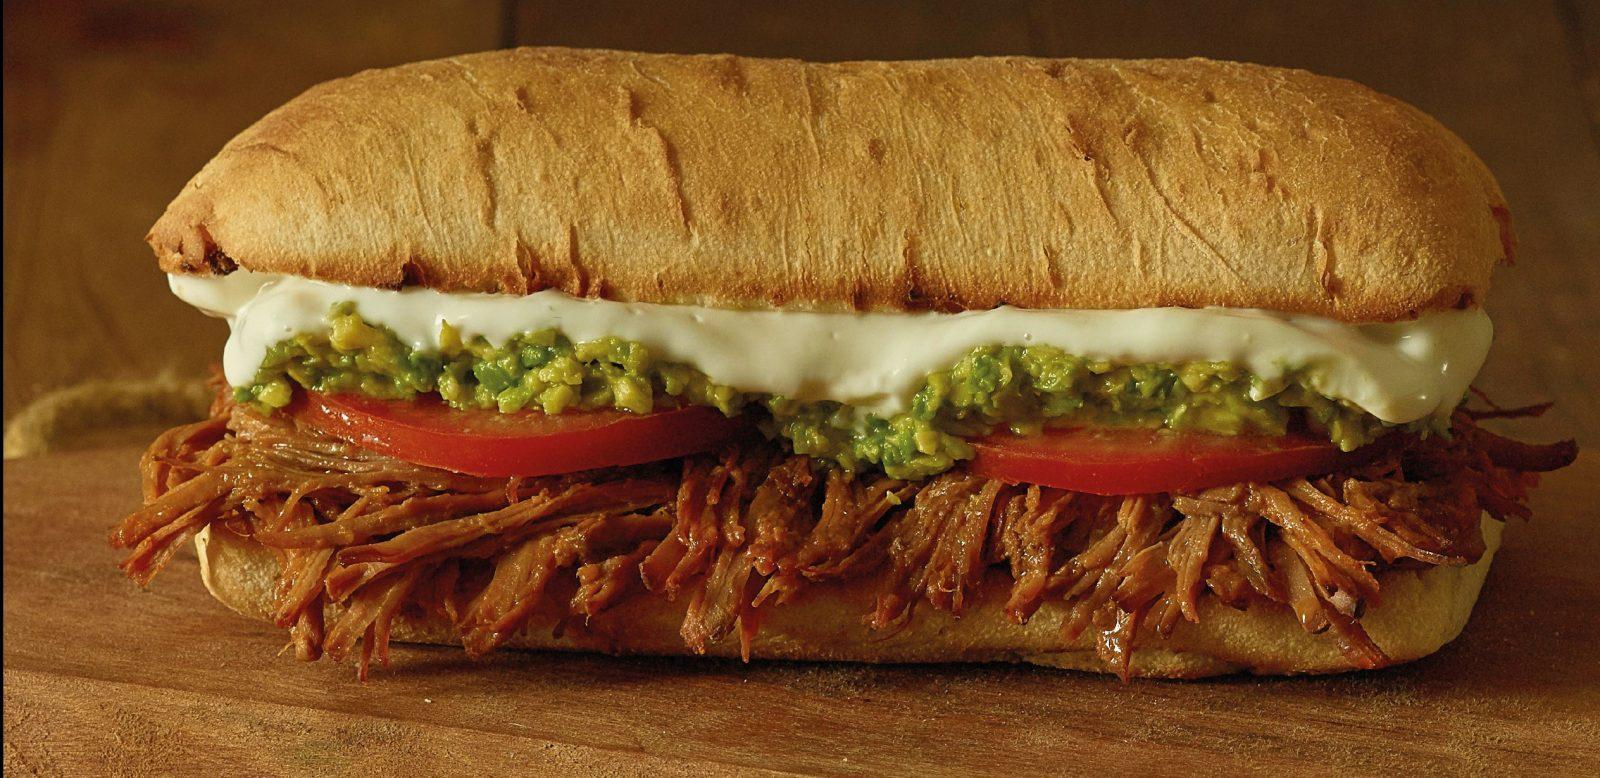 Sandwich de Hilachas y queso mozzarella